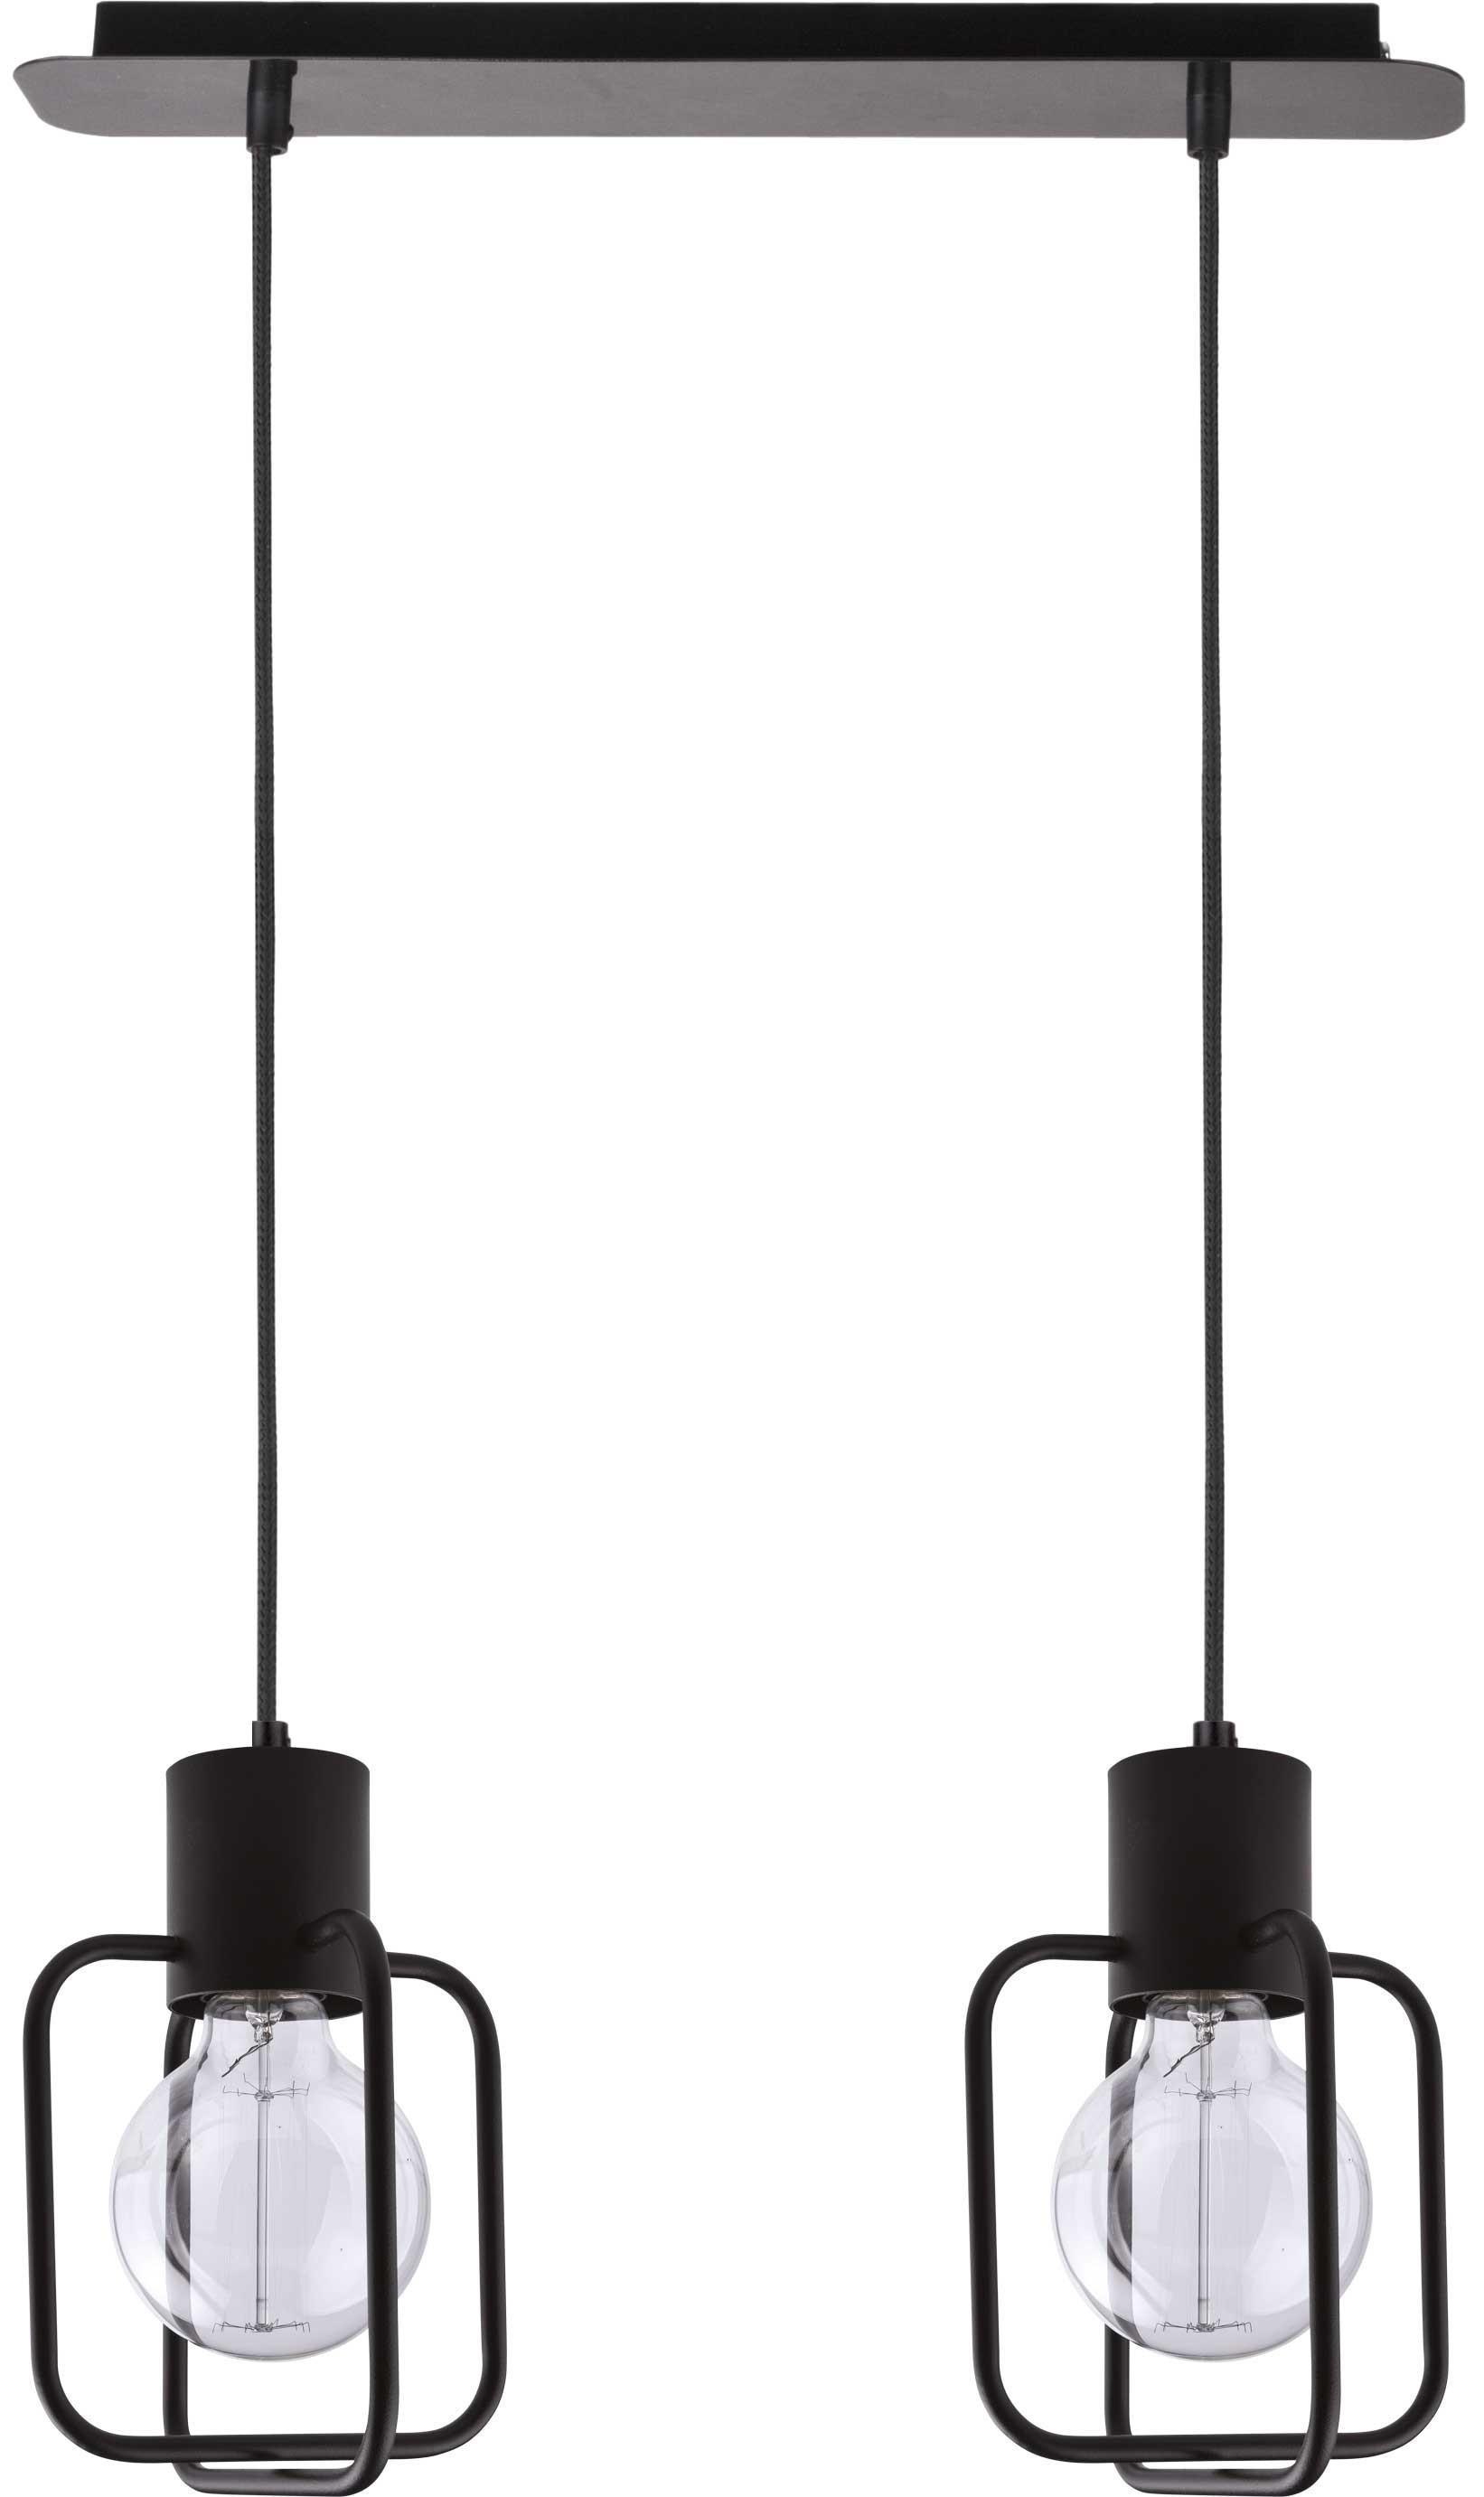 Lampa wisząca Aura kwadrat 2 czarna 31111 - Sigma Do -17% rabatu w koszyku i darmowa dostawa od 299zł !